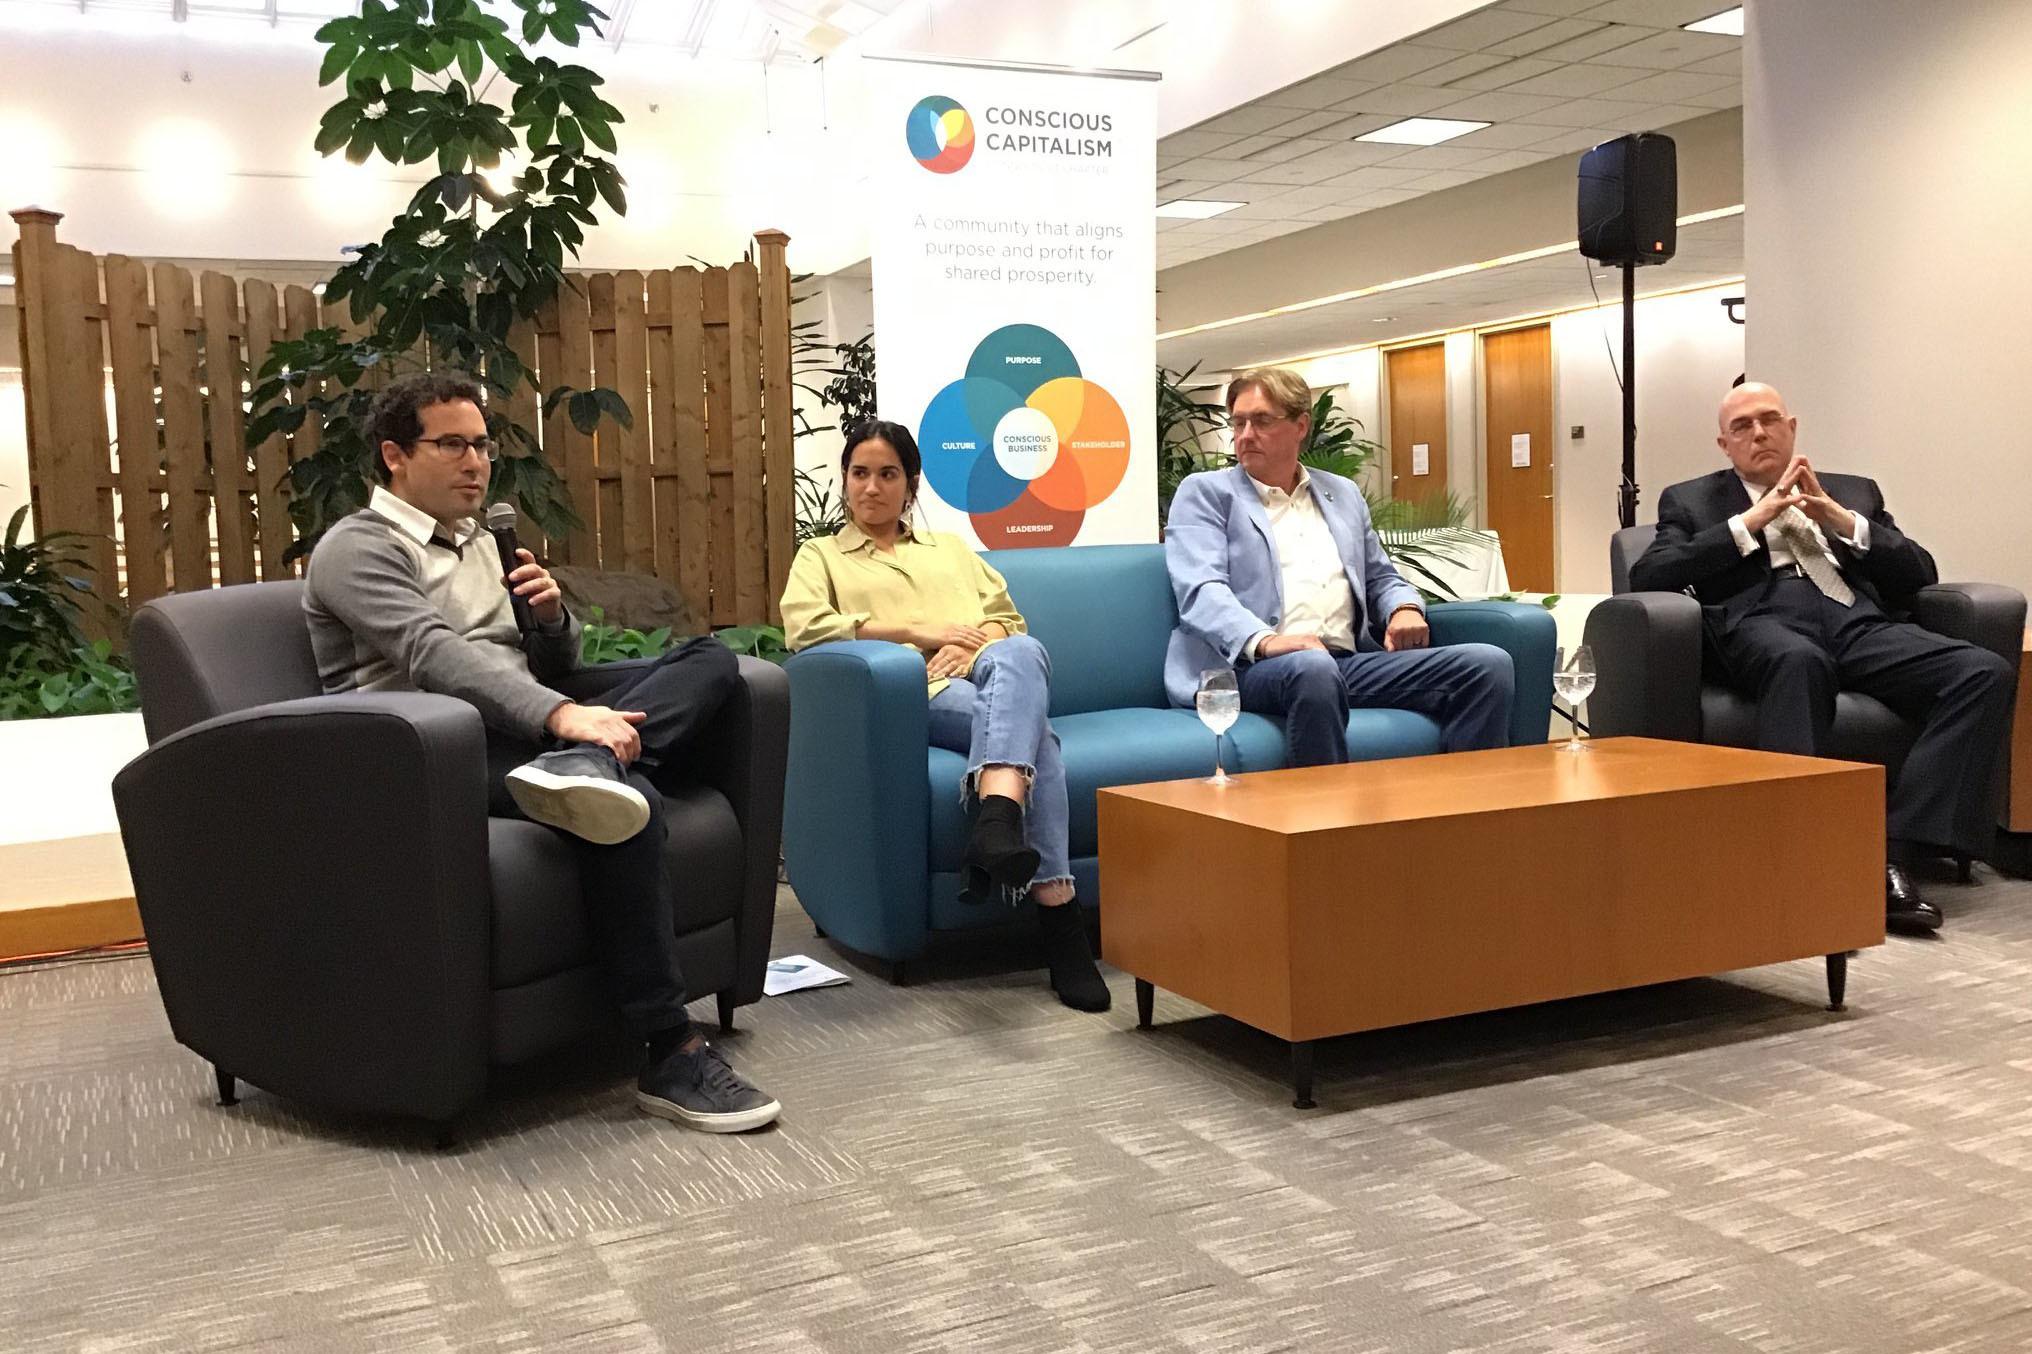 conscious capitalism connecticut event workshop panelists